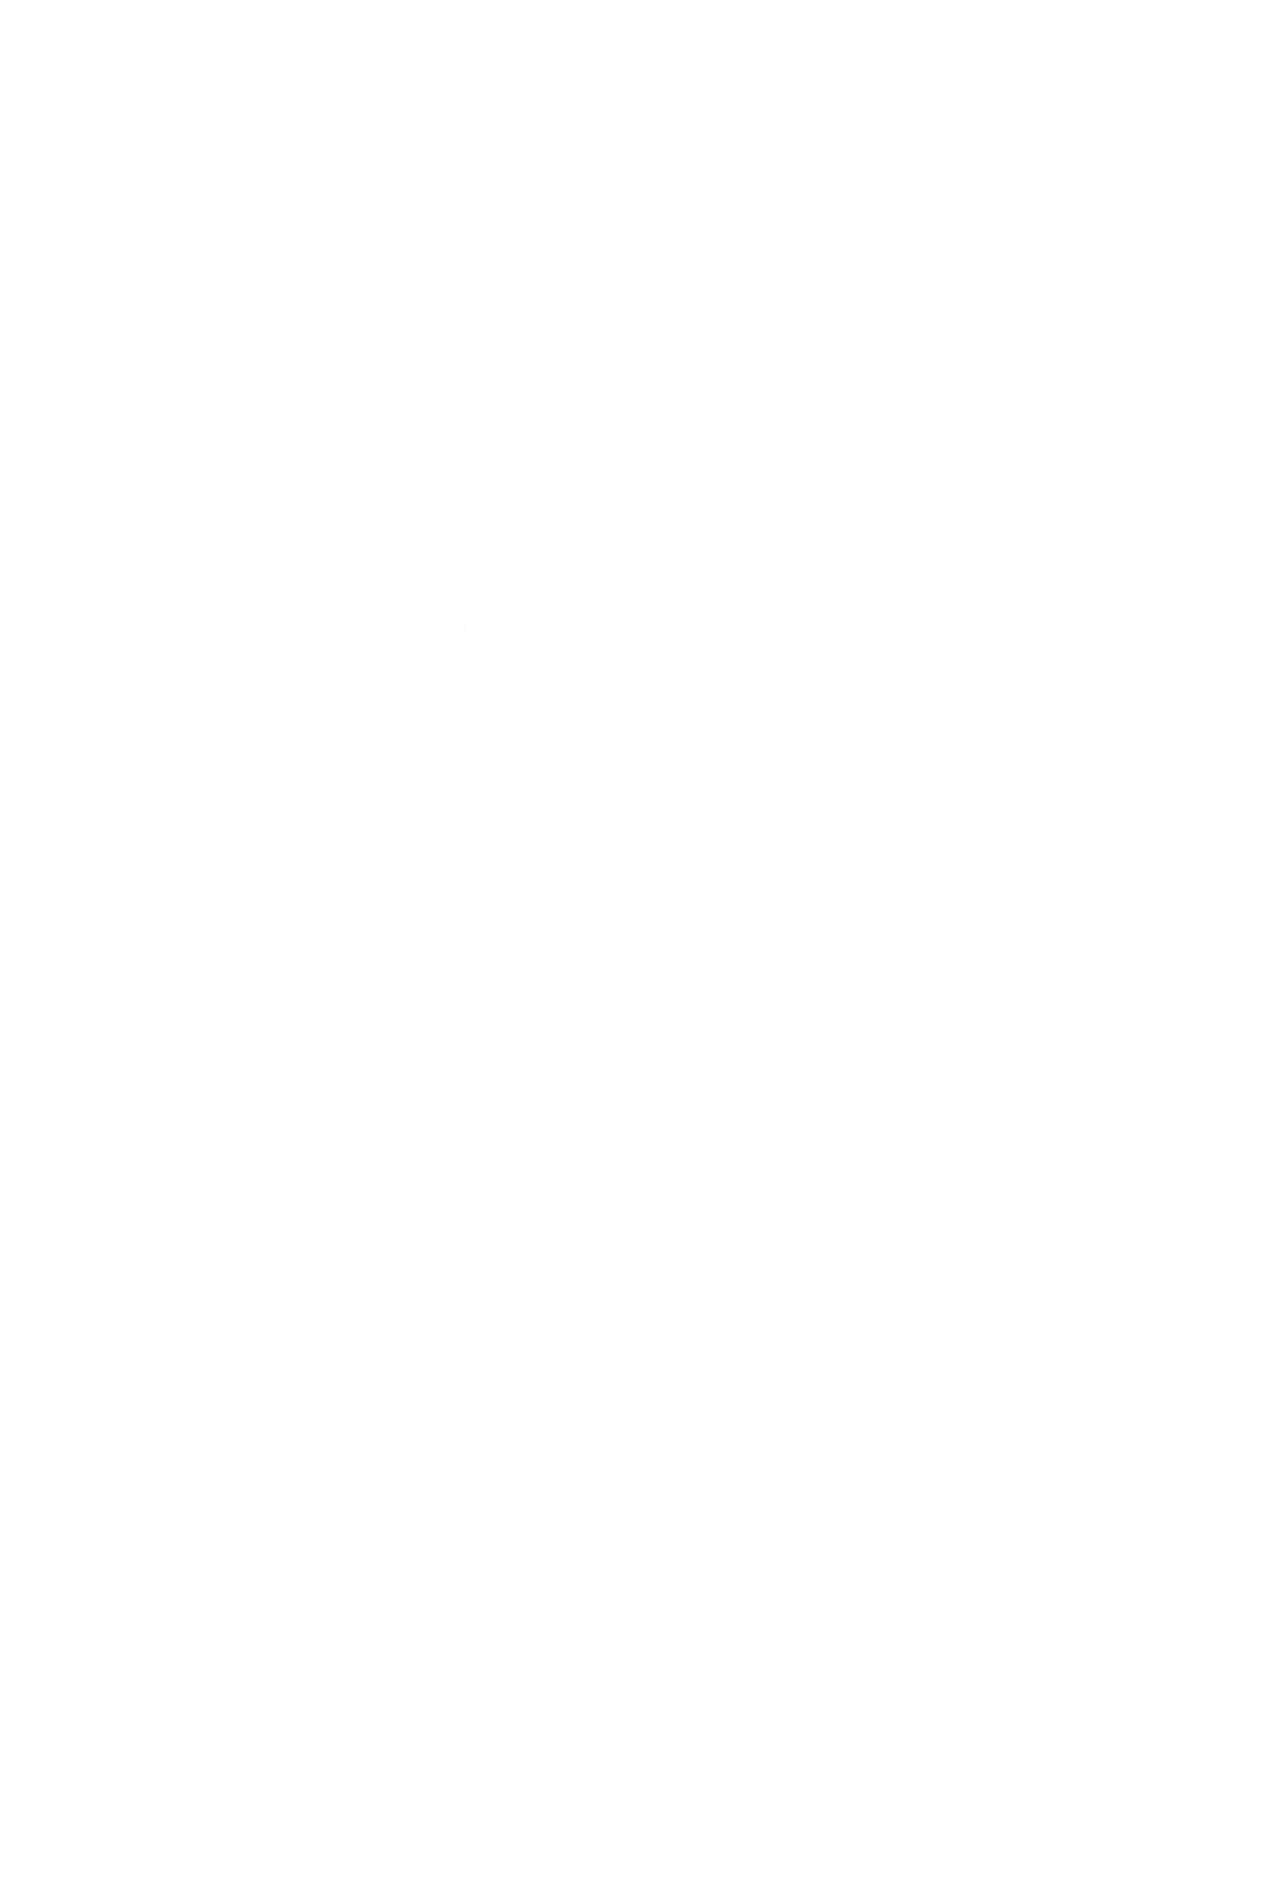 Hinnyuu Musume 38 1